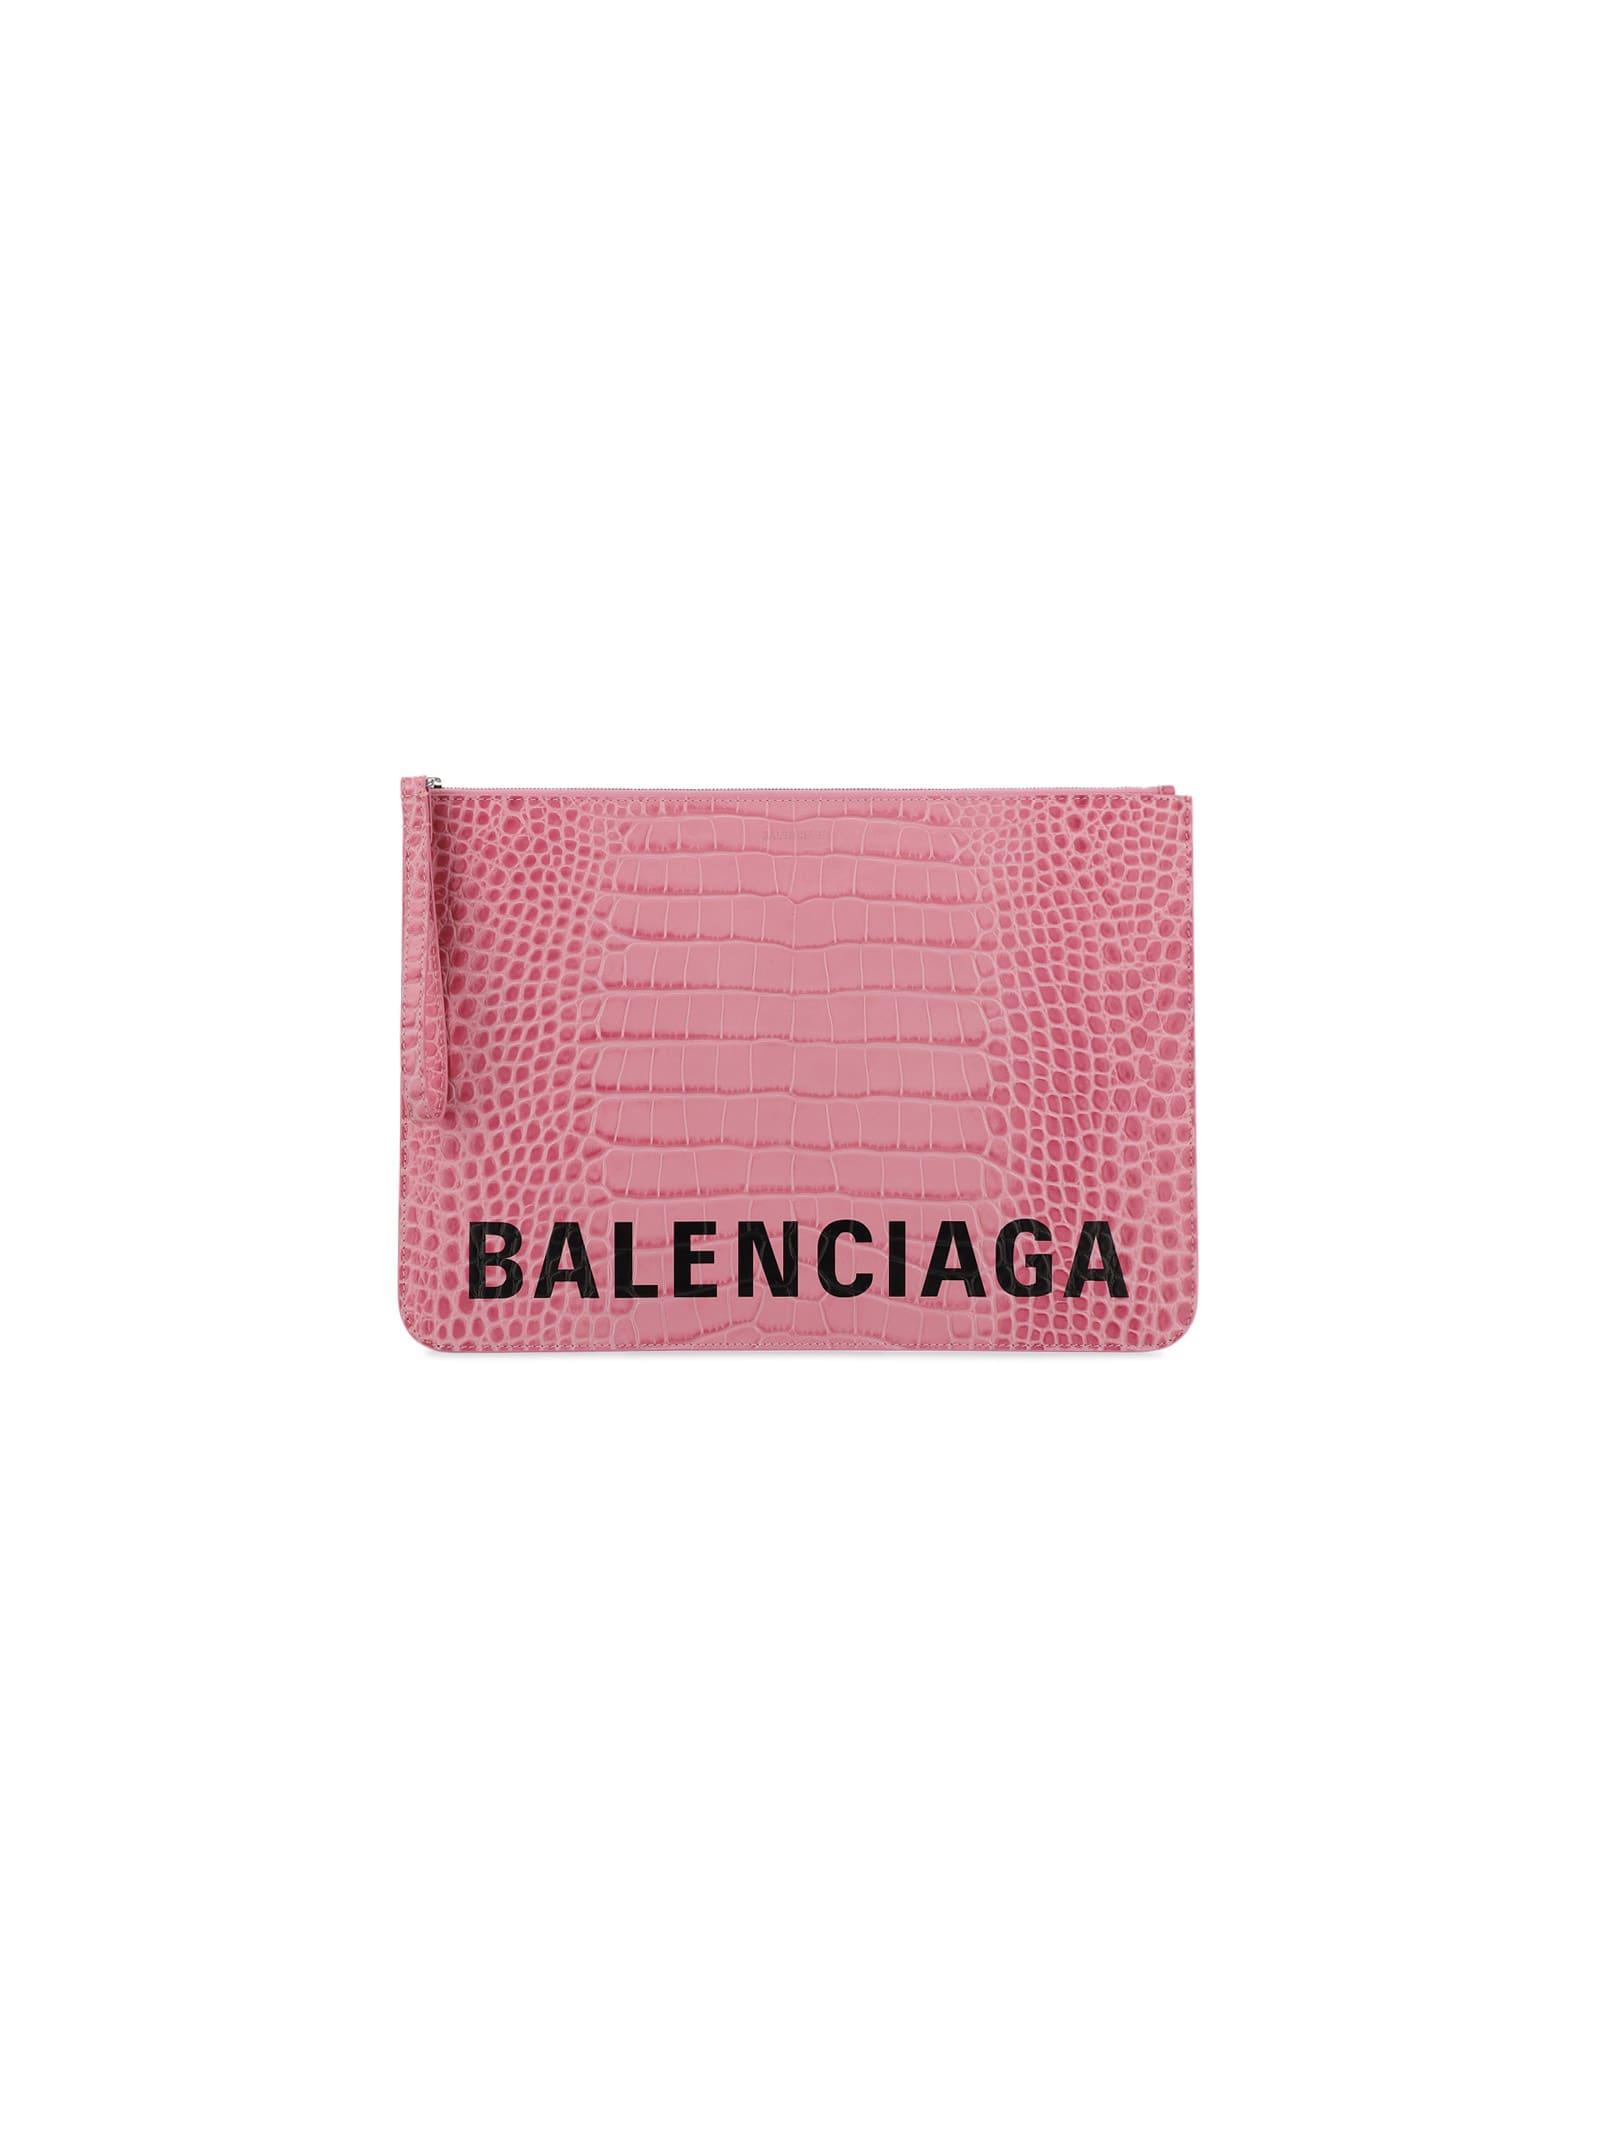 Balenciaga Pouches POUCH